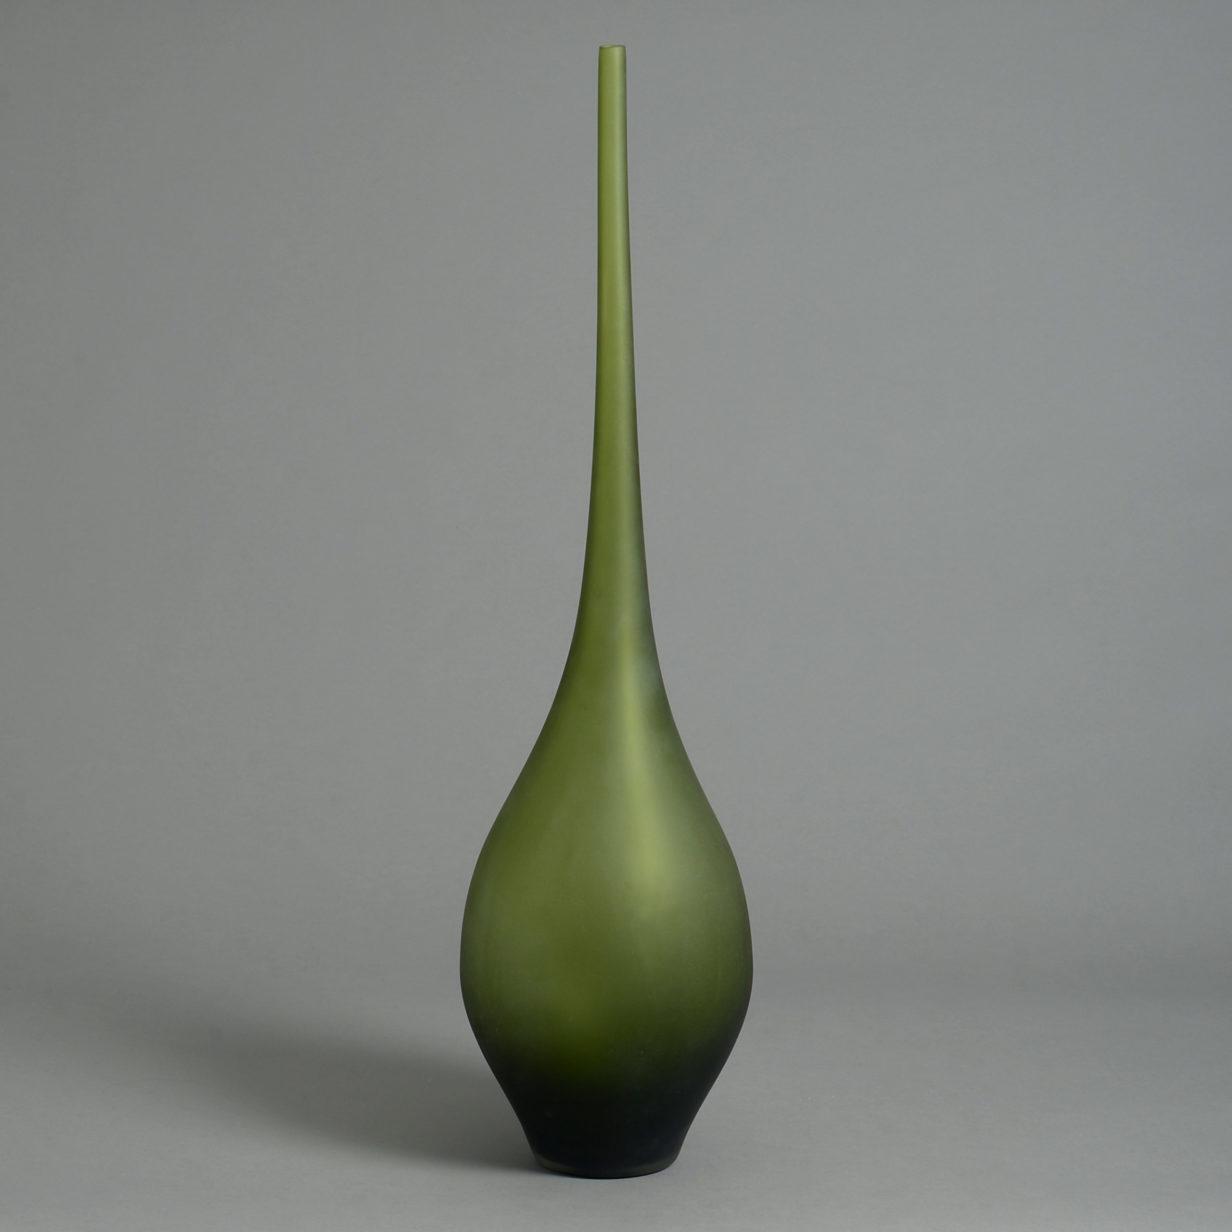 A Tall Art Glass